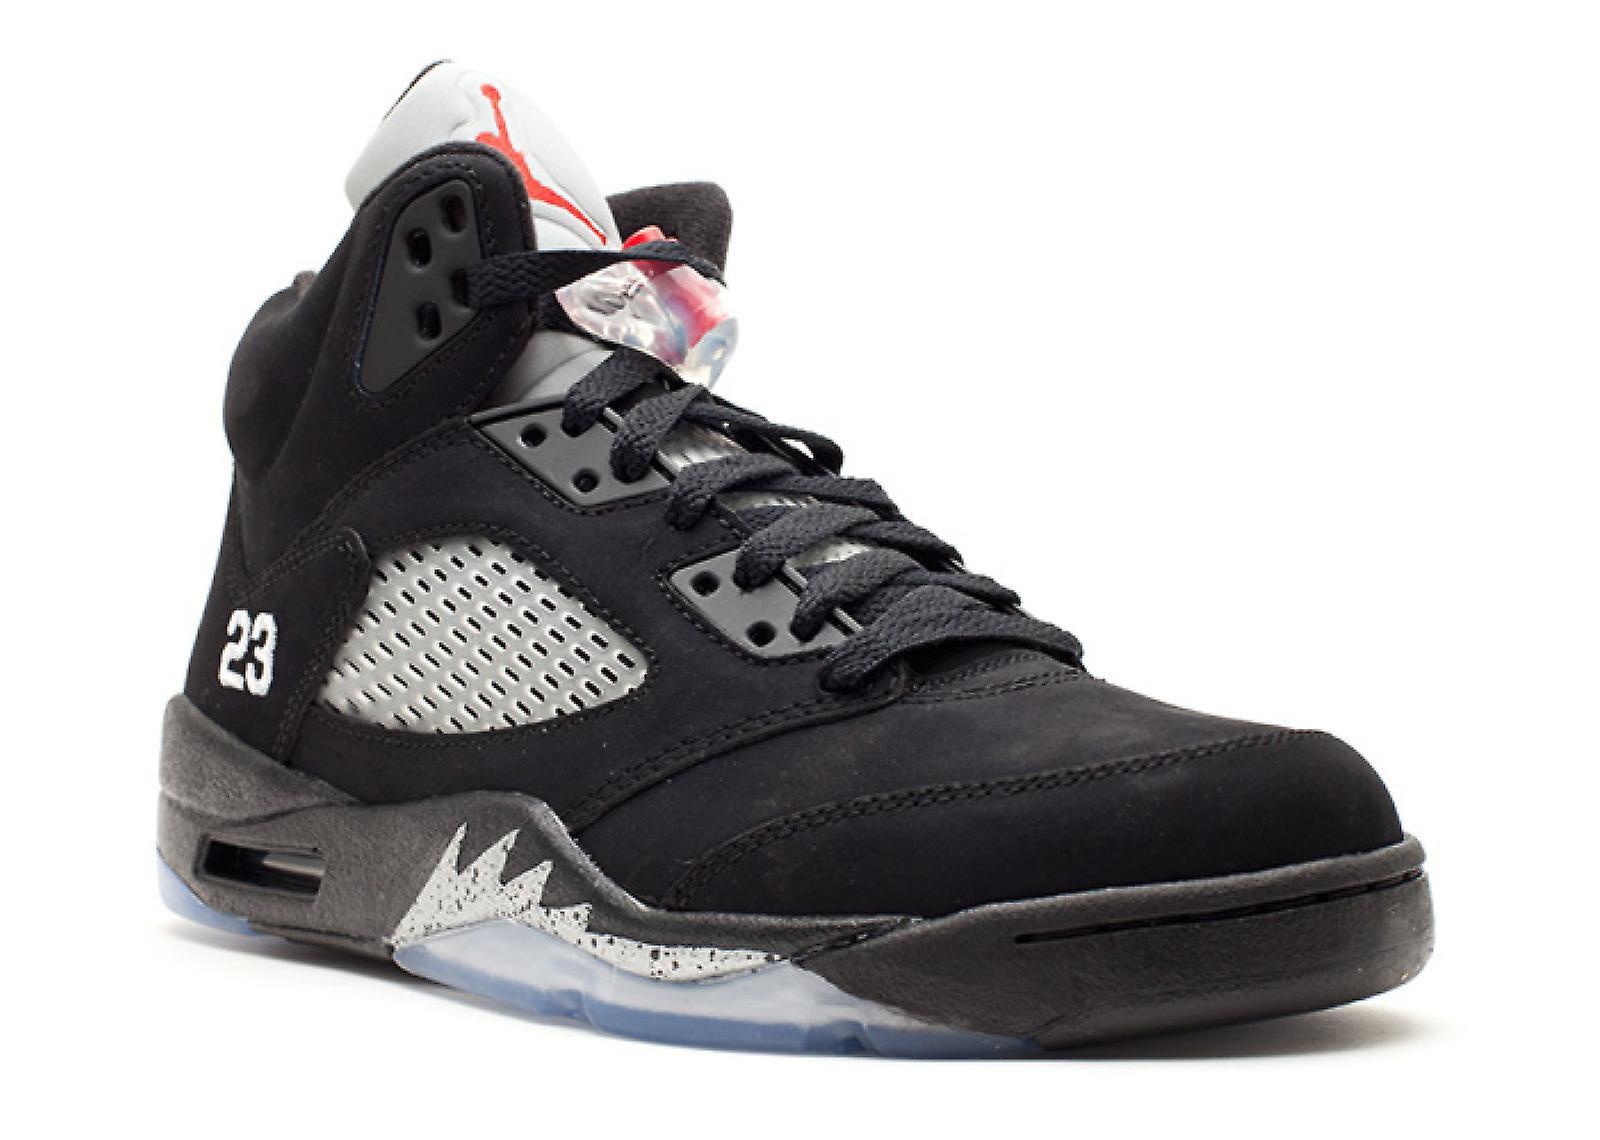 Air Jordan 5 Retro '2011 Communiqué?? - - - 136027-010-chaussures 512303